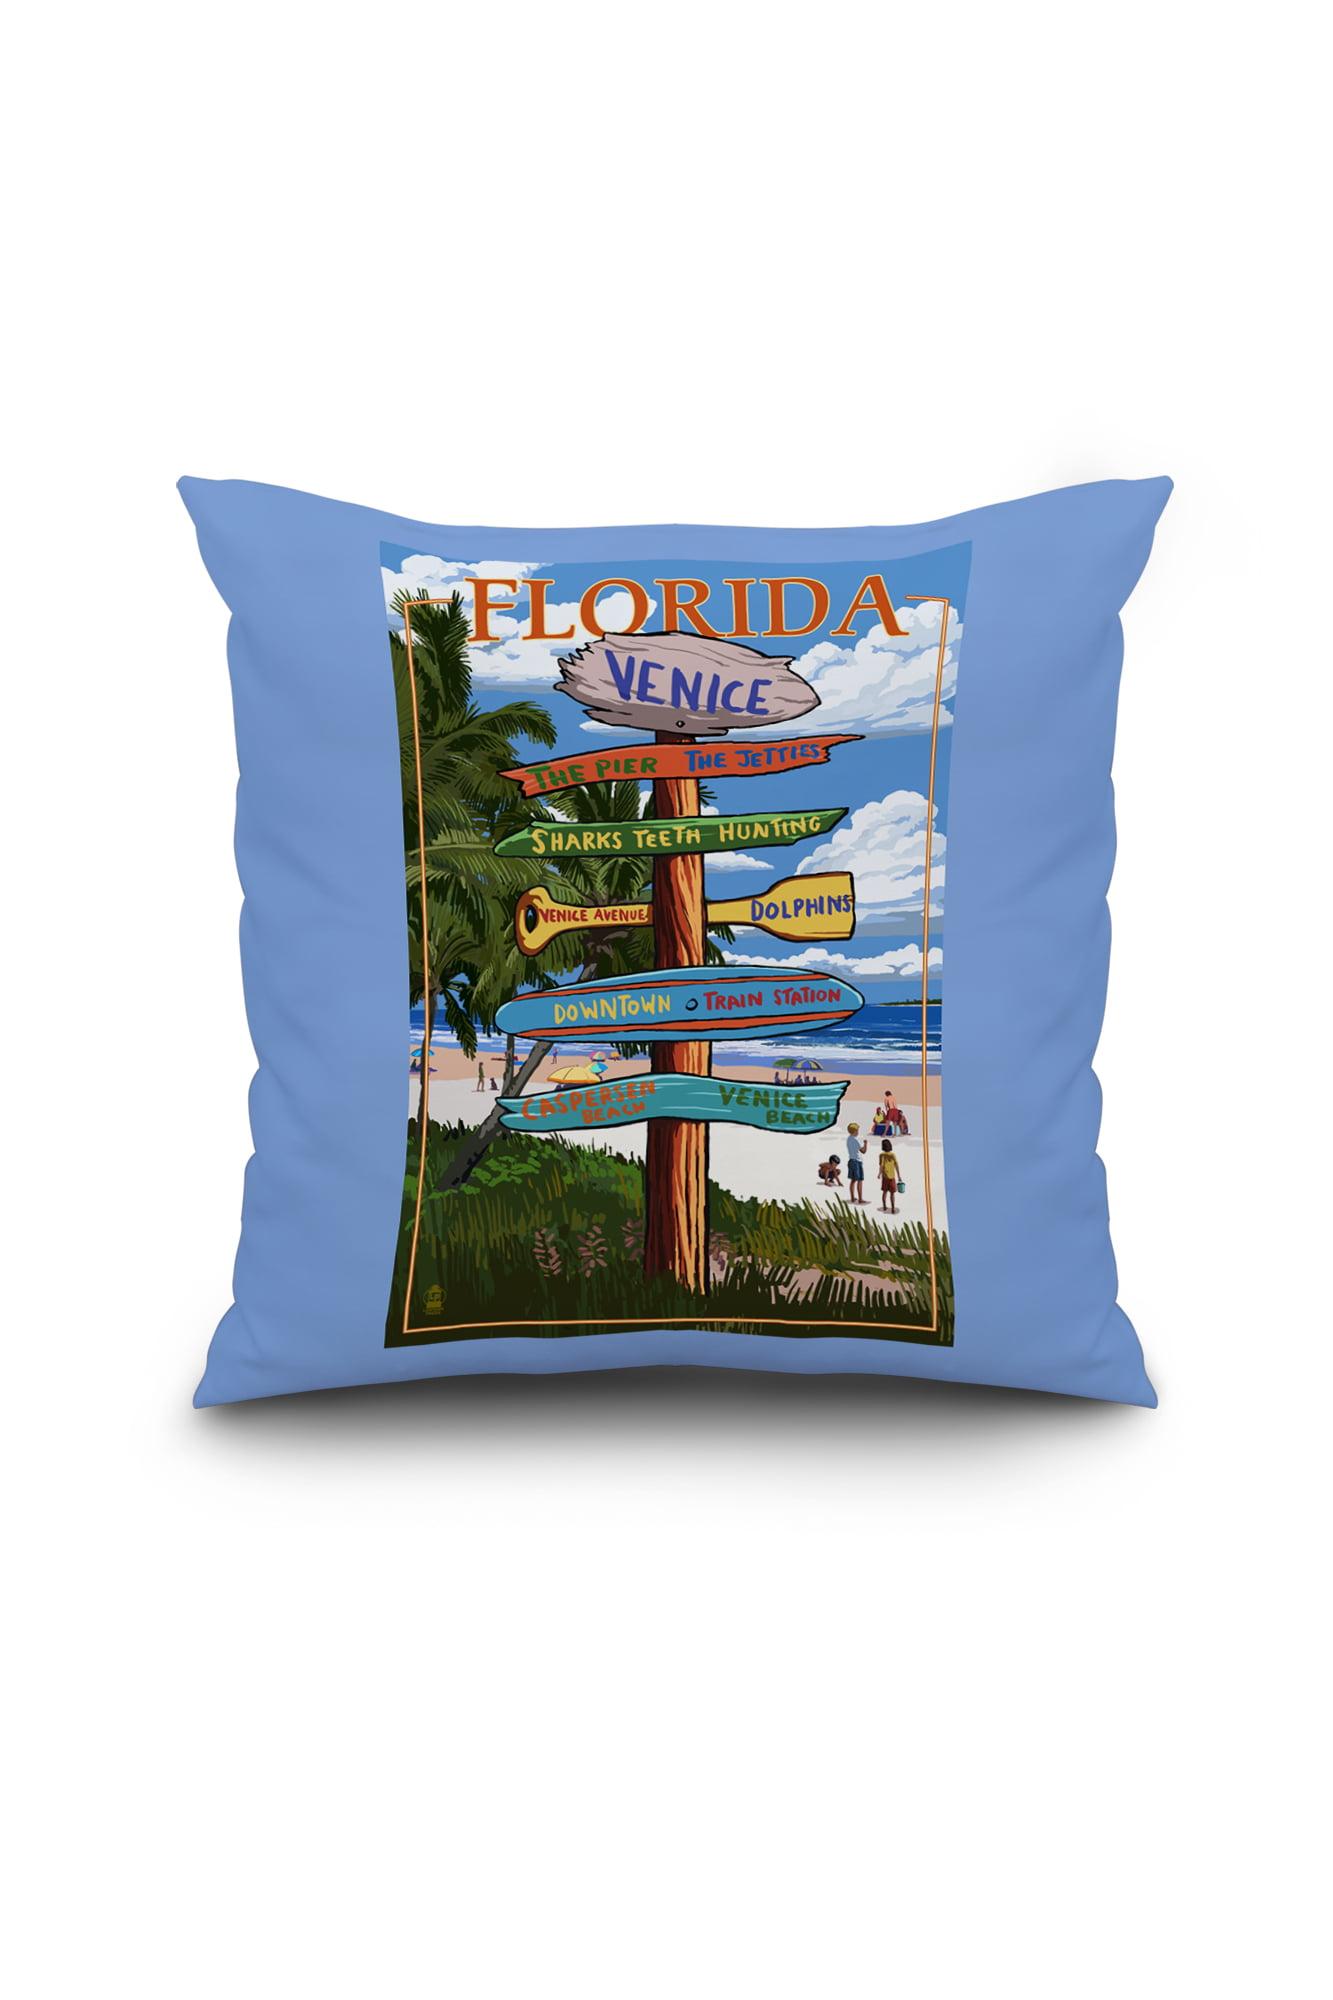 Venice, Florida Sign Post Lantern Press Artwork (16x16 Spun Polyester Pillow, Black Border) by Lantern Press